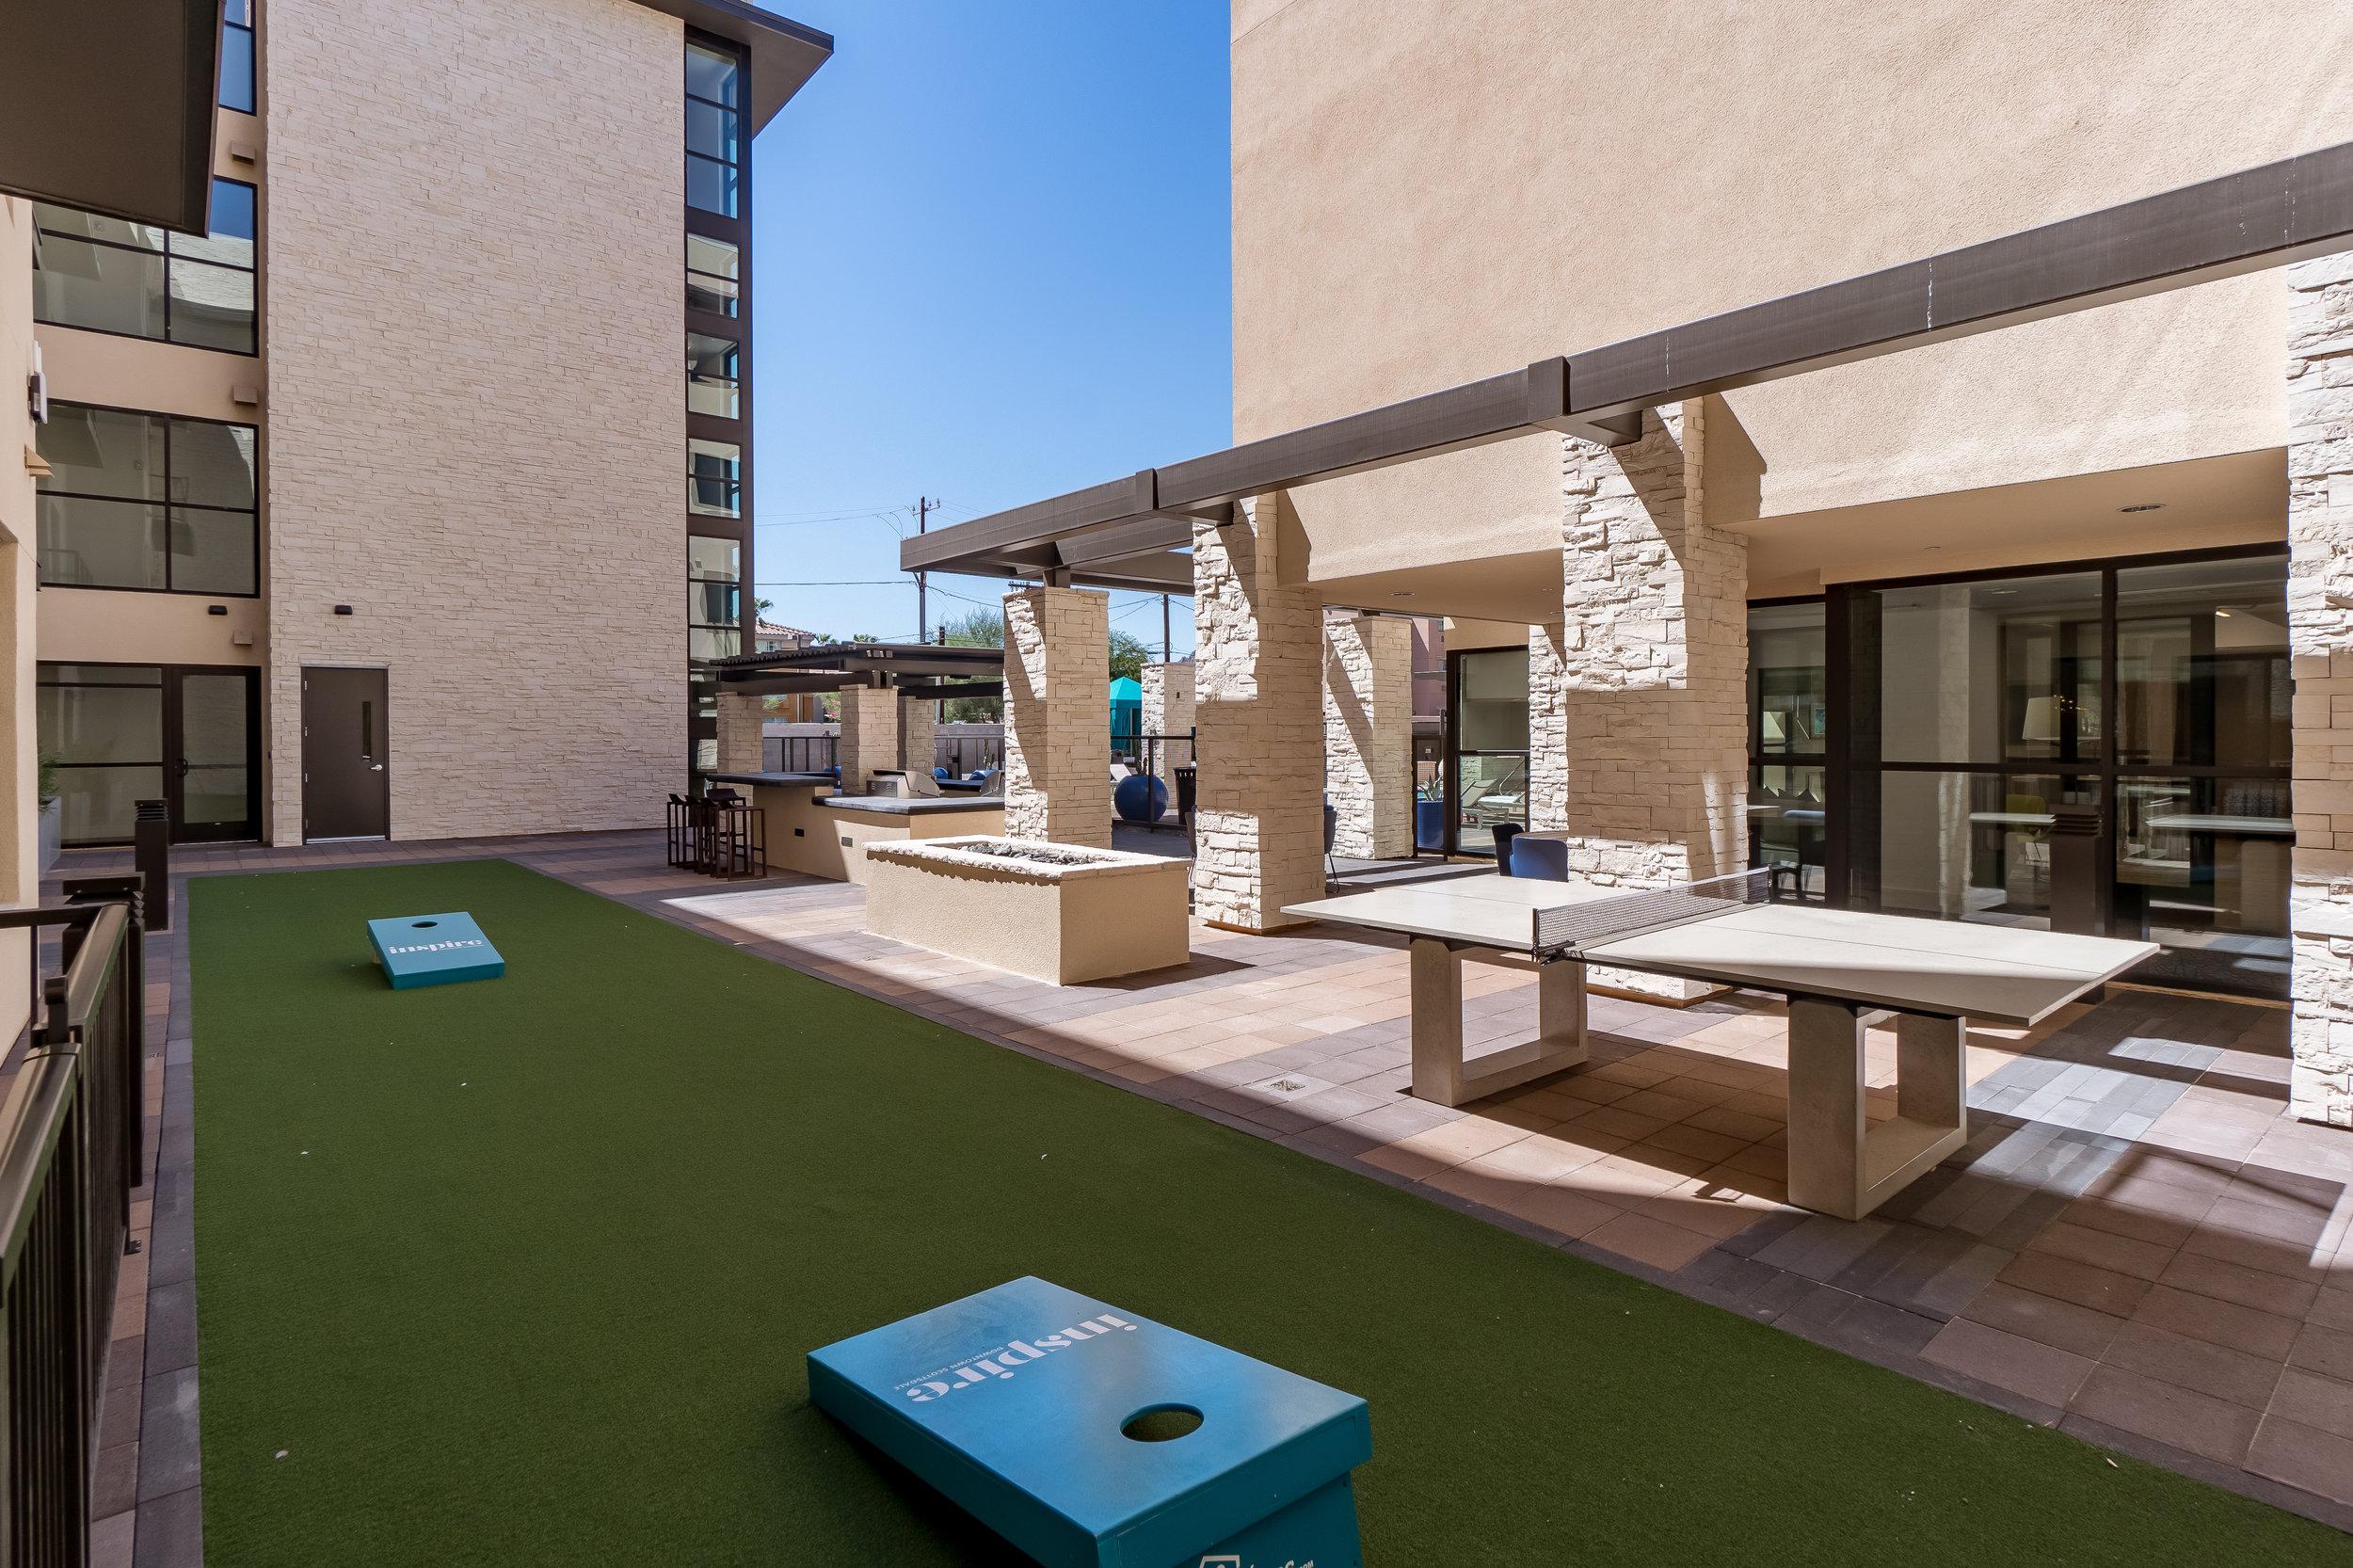 inspire-amenities-outdoor-recreation